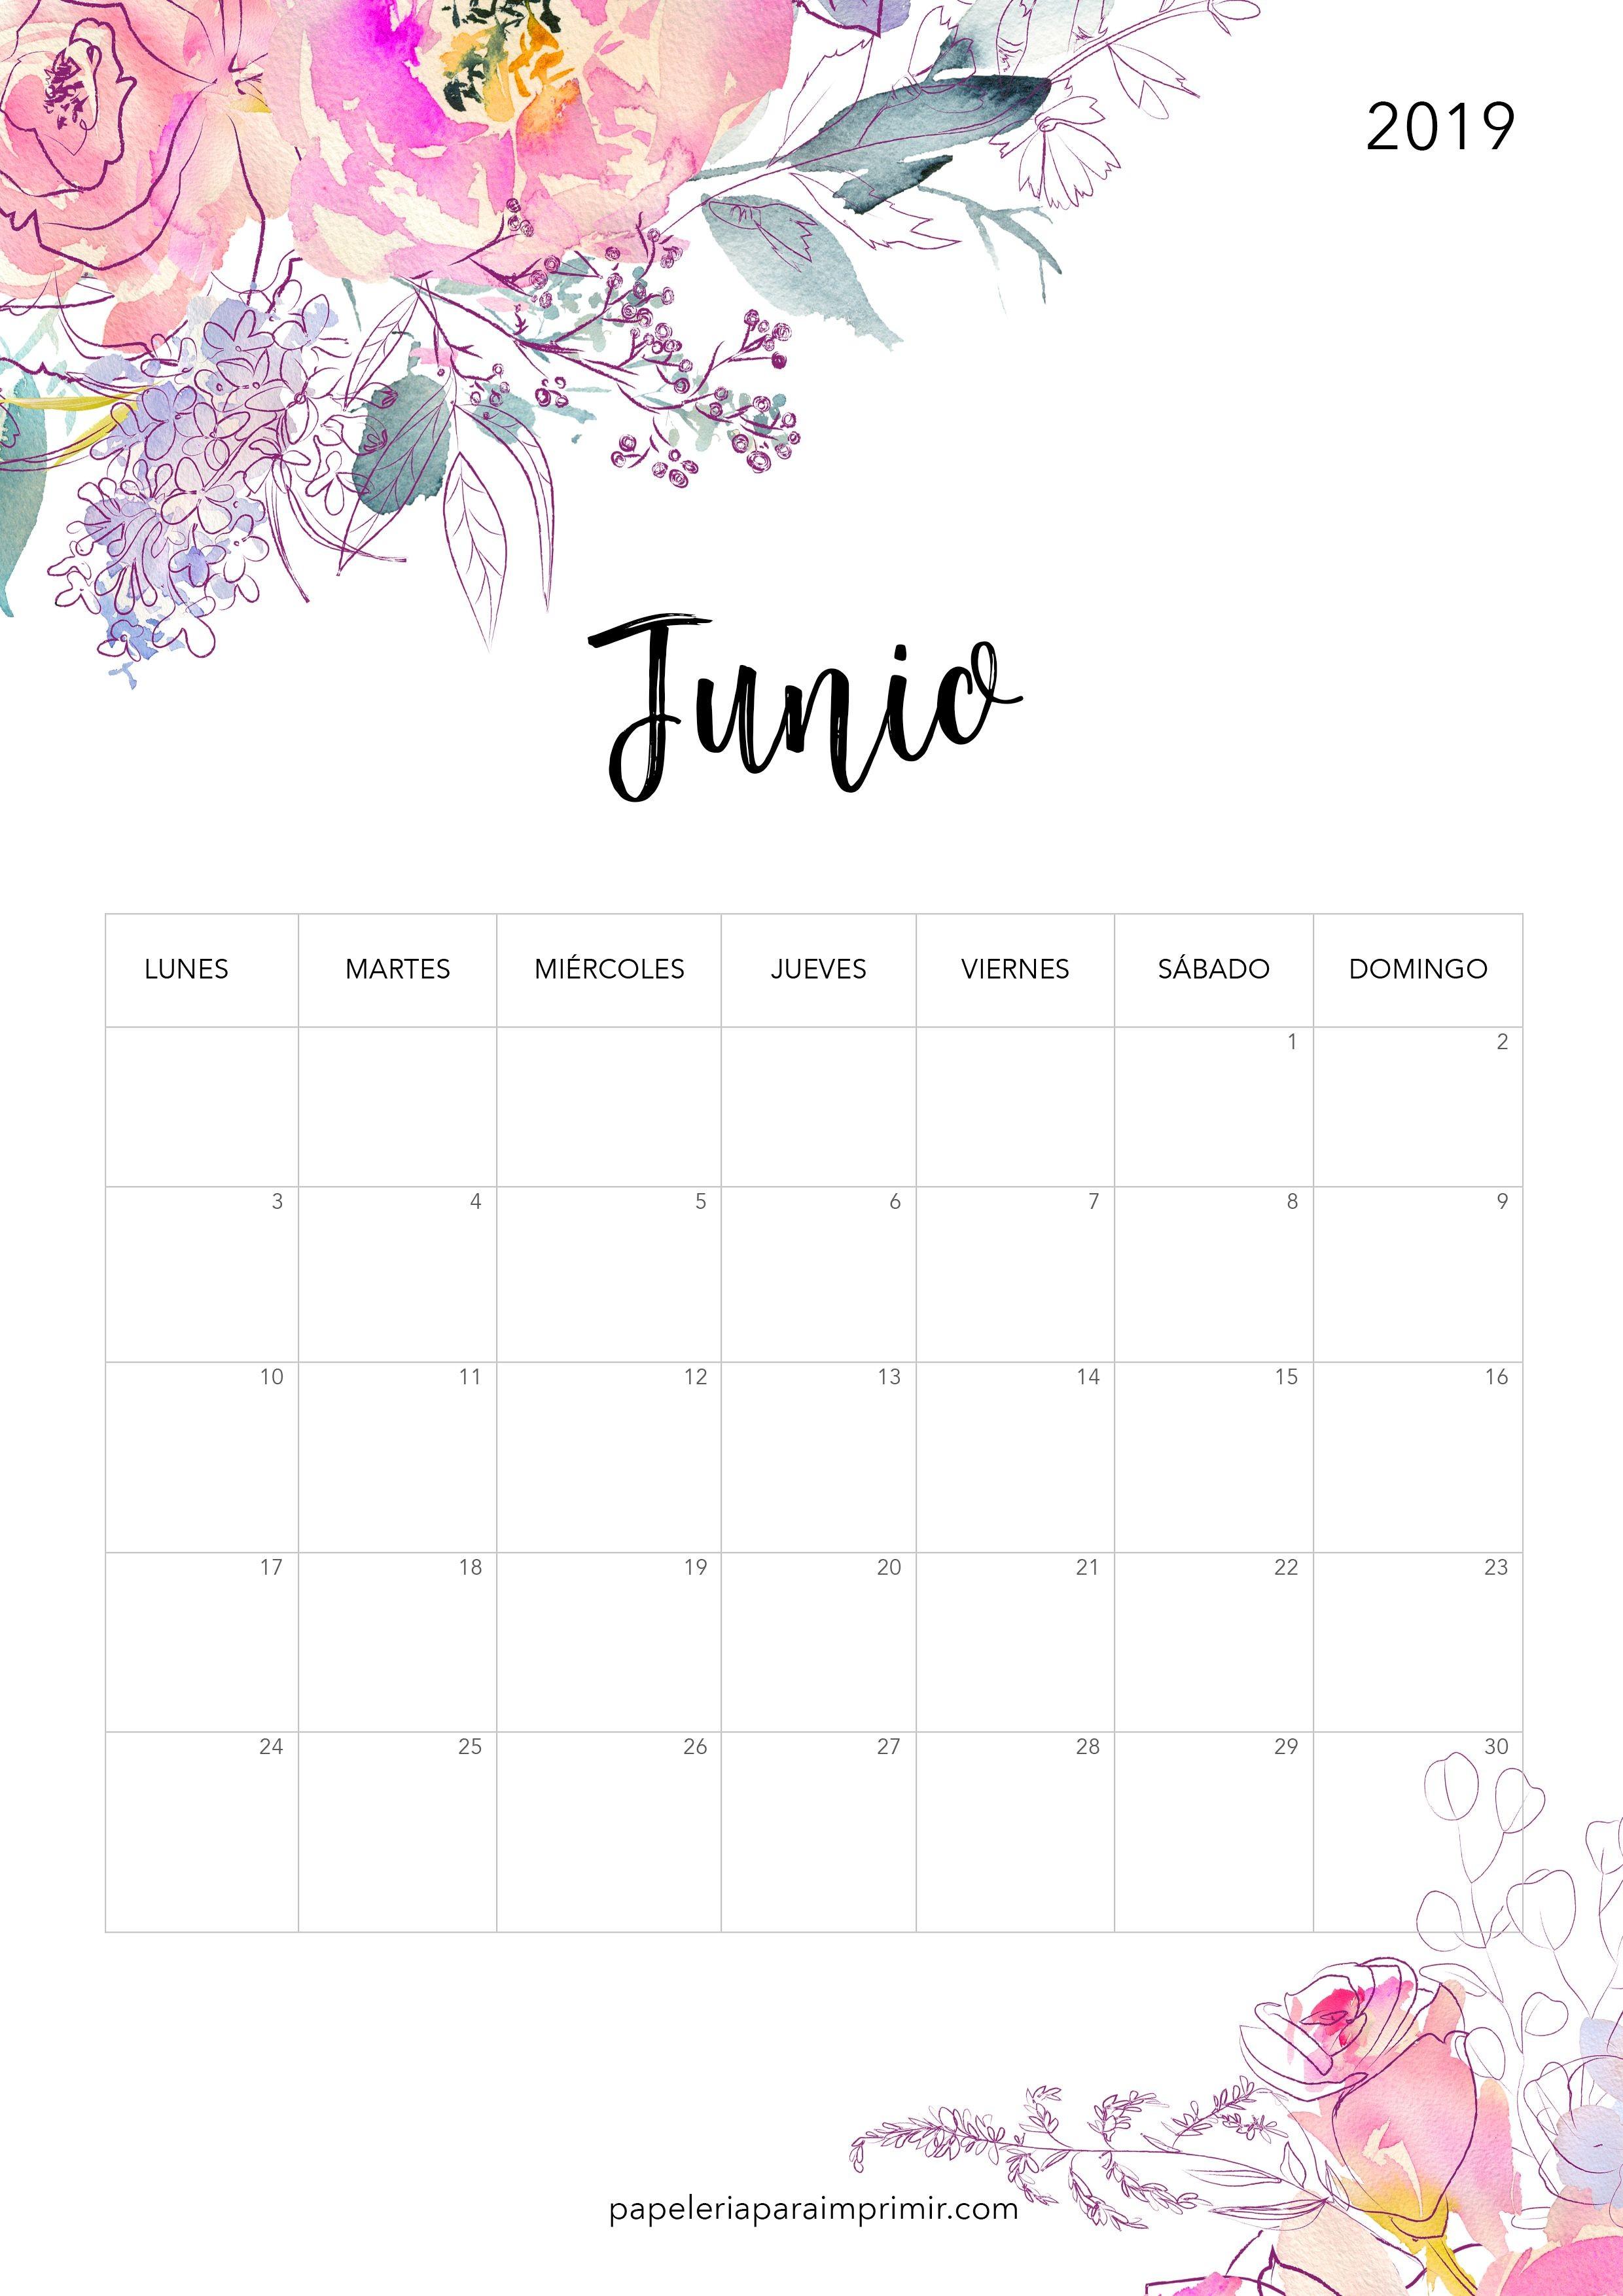 I Calendario Imprimir Más Recientemente Liberado Calendario Para Imprimir Junio 2019 Calendario Imprimir Junio Of I Calendario Imprimir Más Arriba-a-fecha Index Of Print Calendario Mensual 1 2017